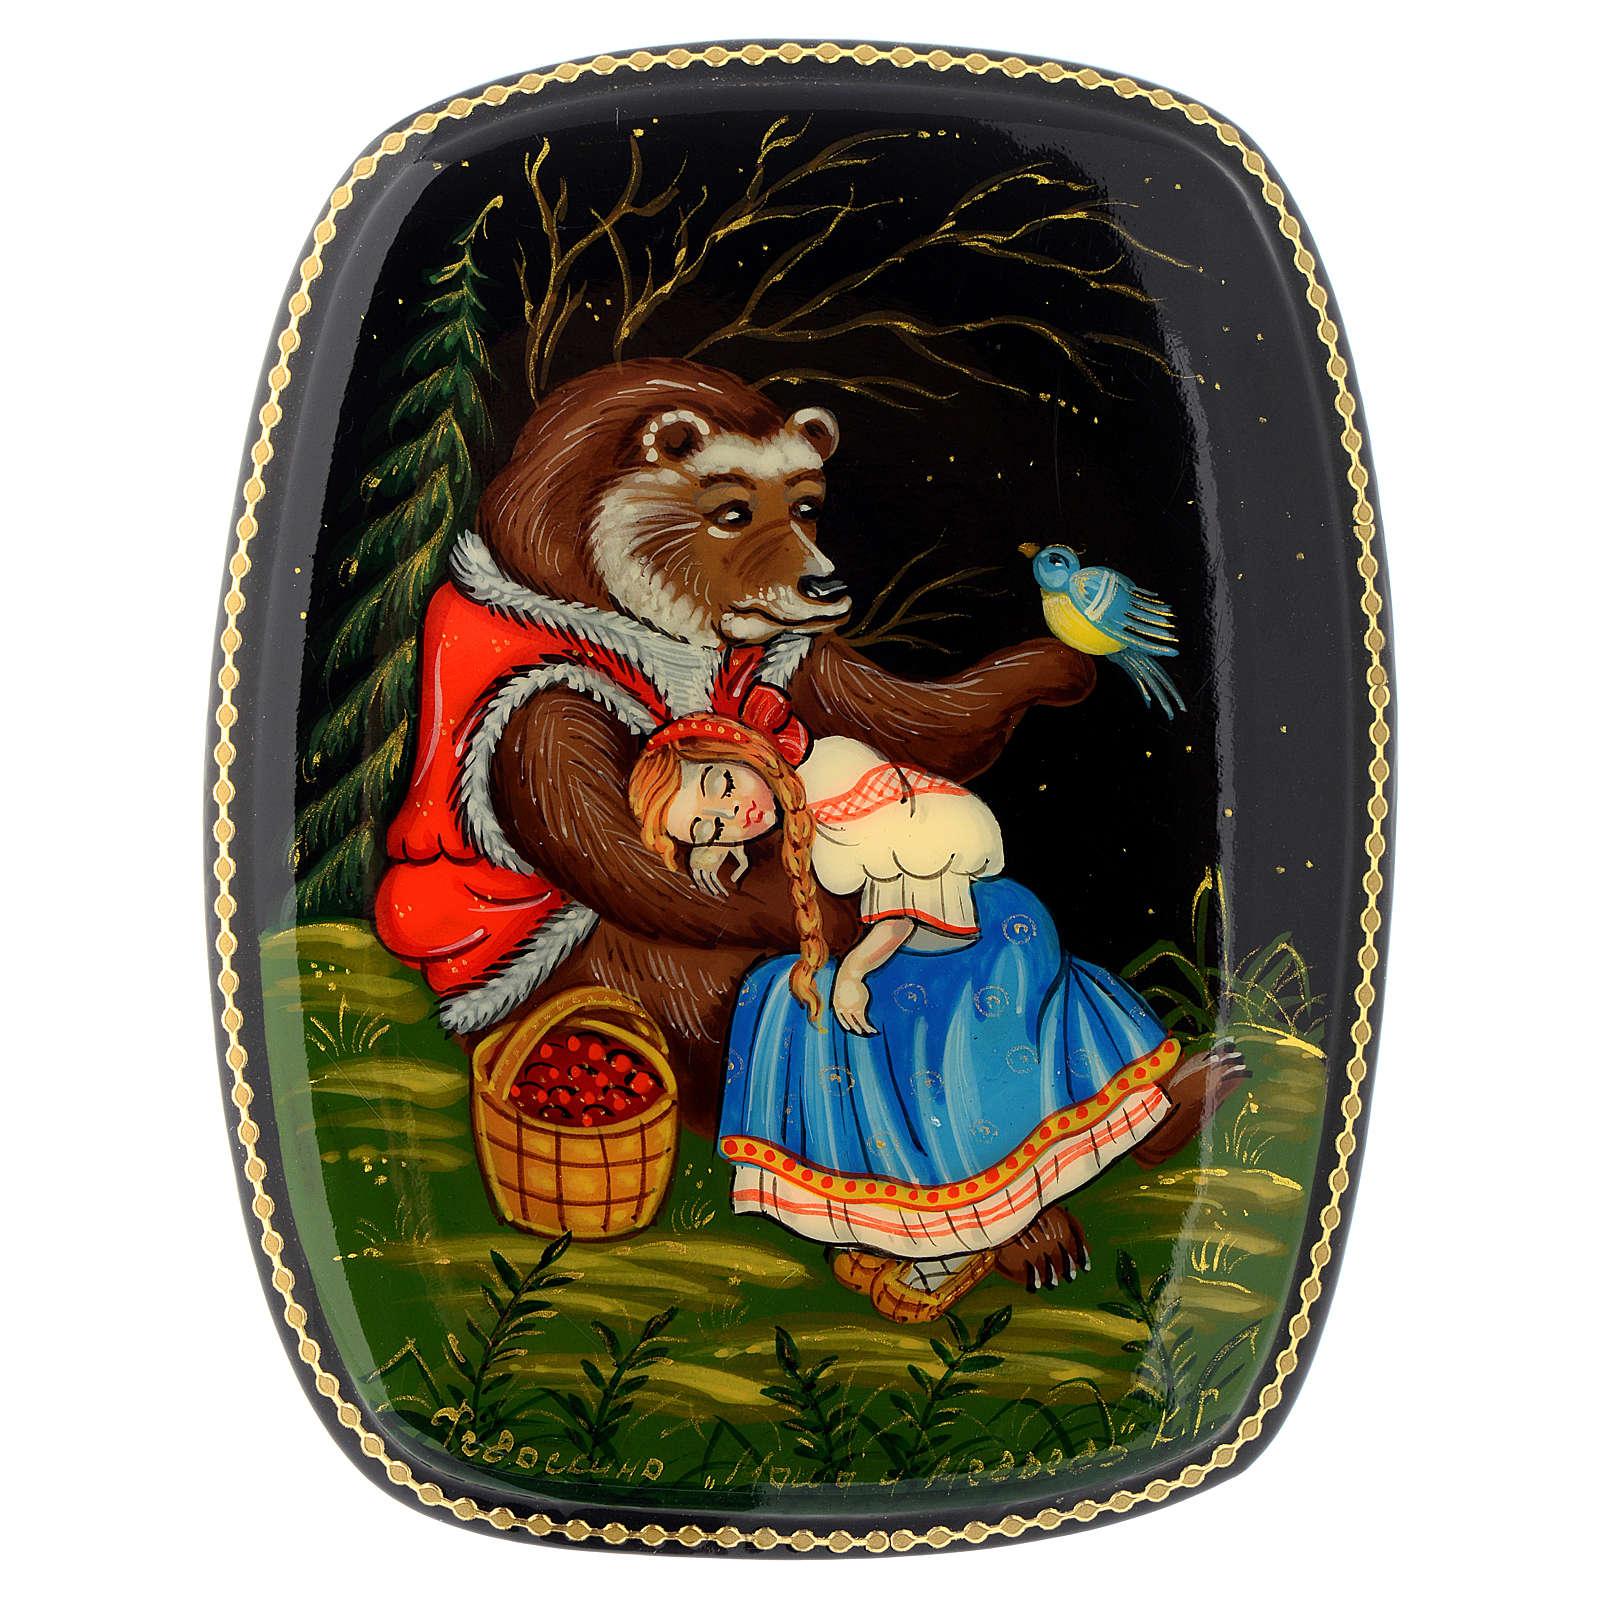 Lacca russa papier-machè Maria e l'orso Fedoskino 4